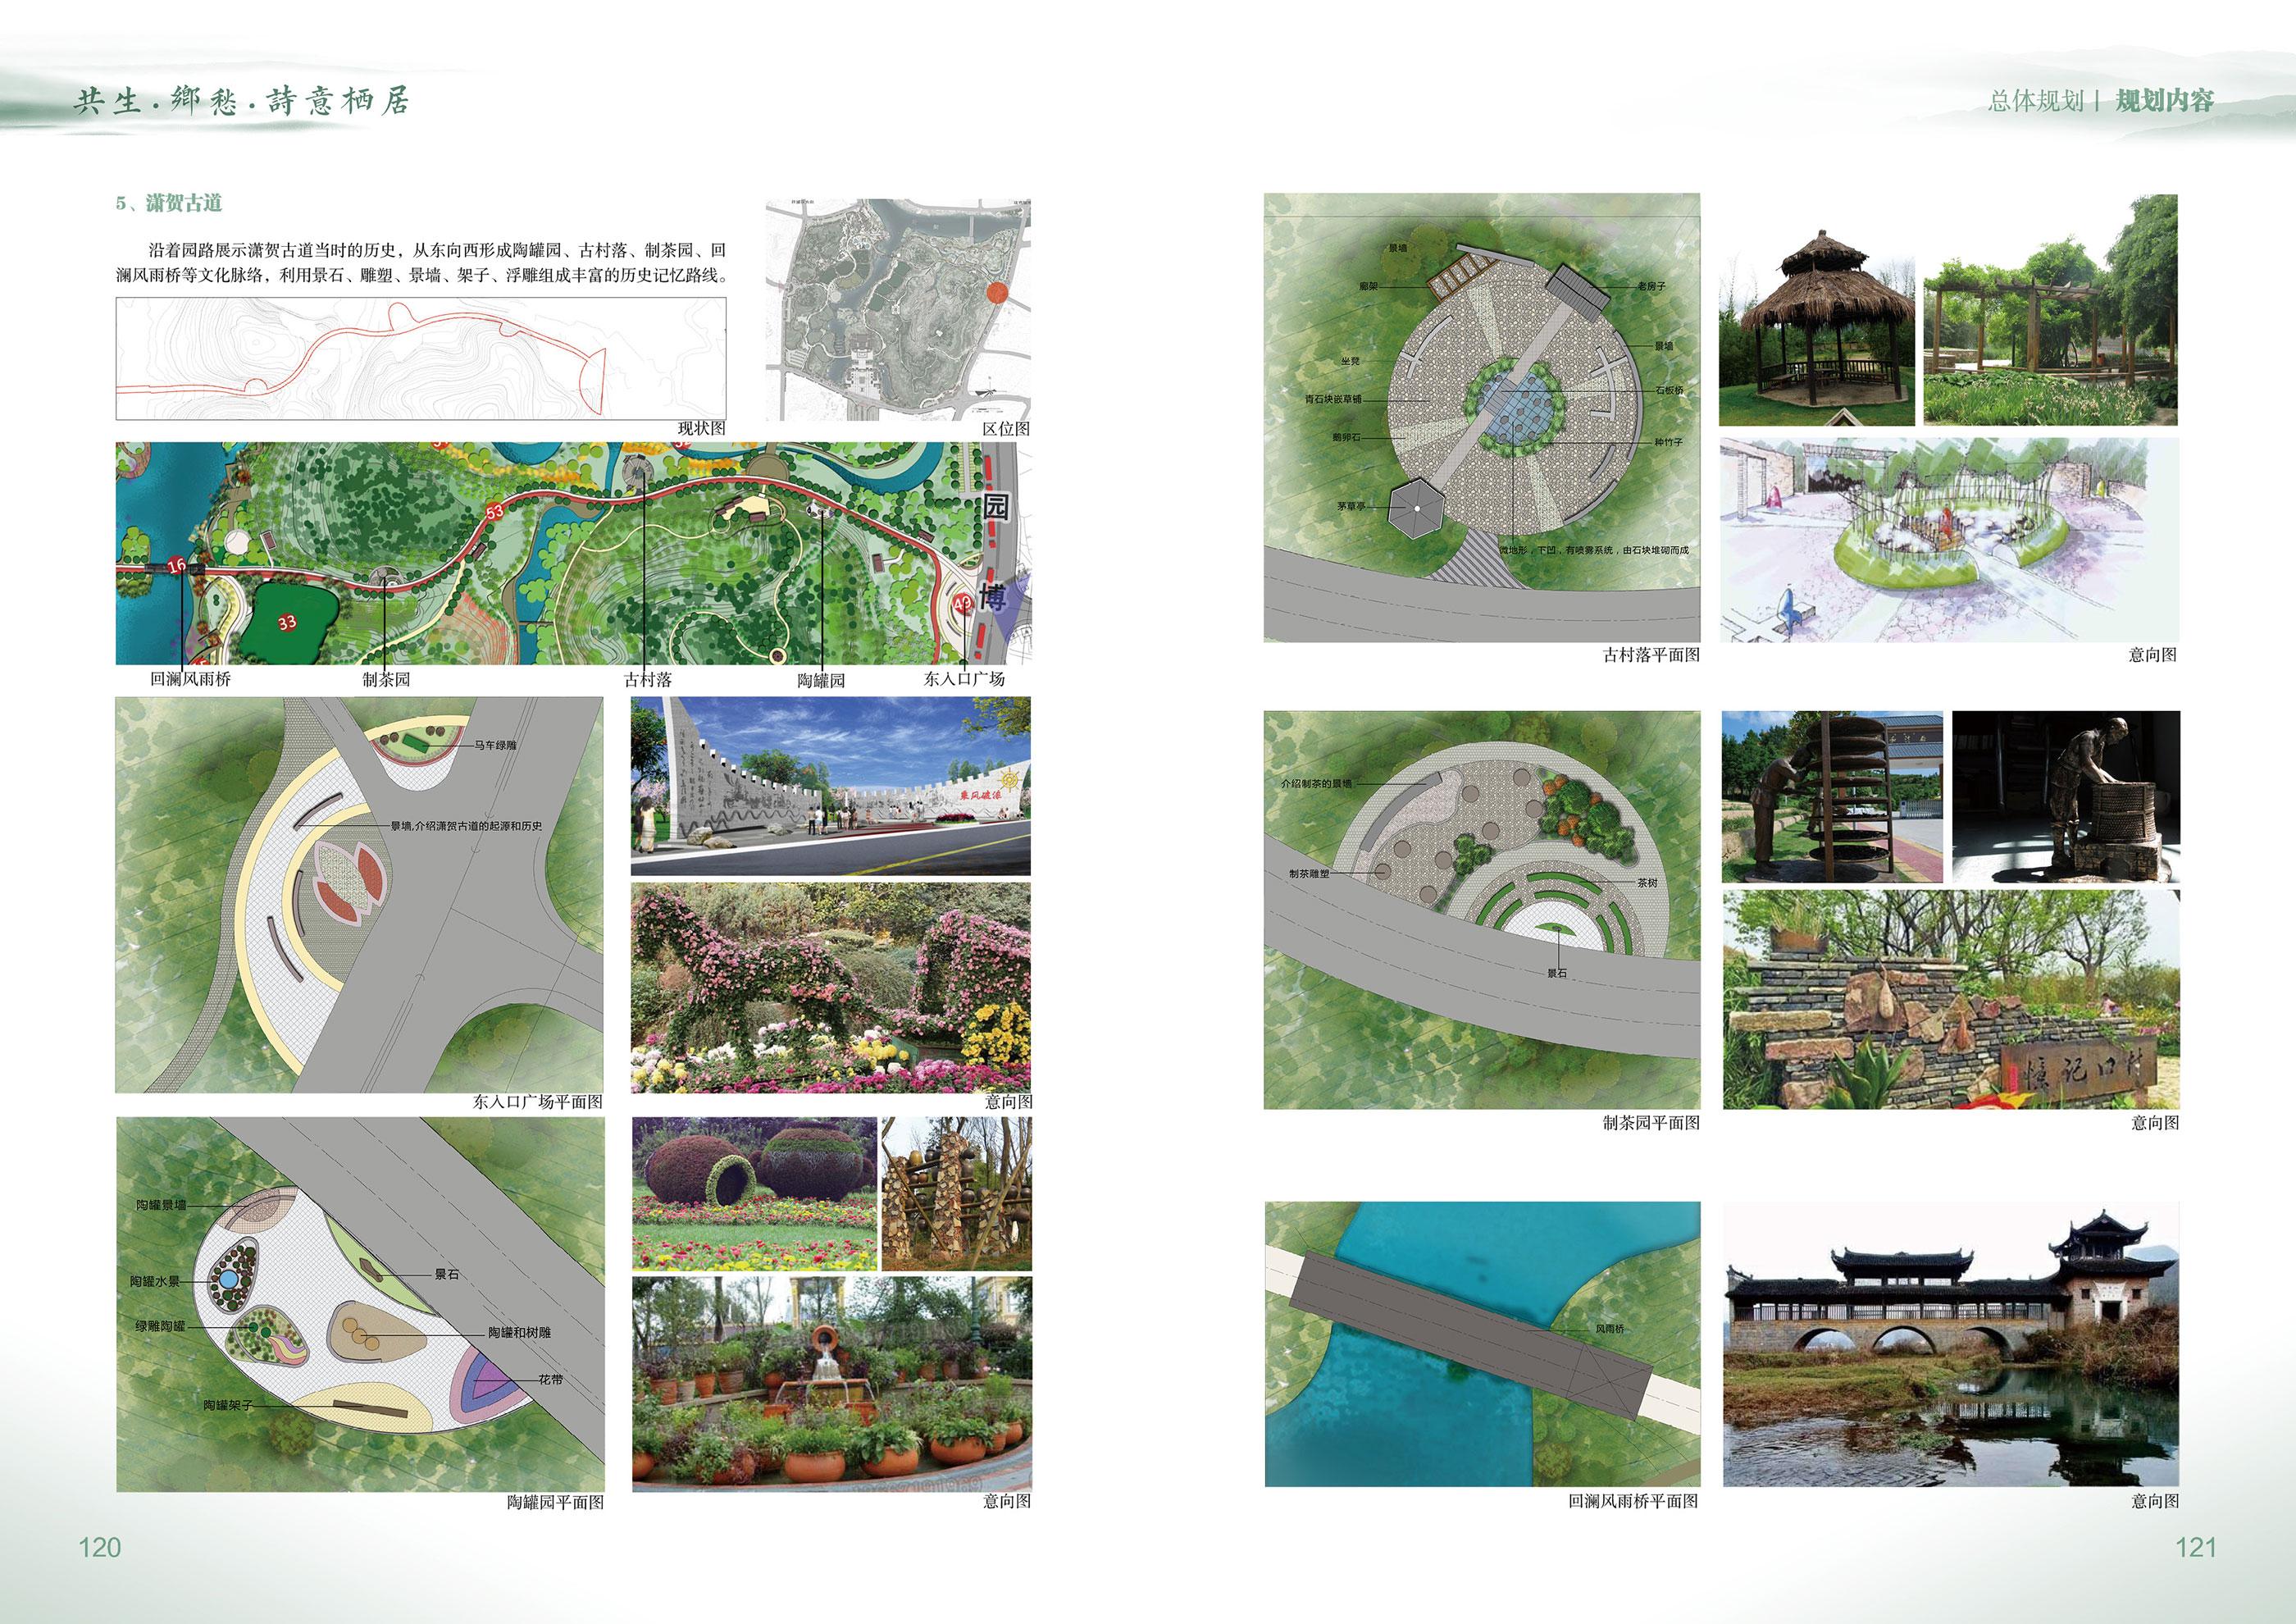 21潇贺古道(东入口)规划设计图.jpg